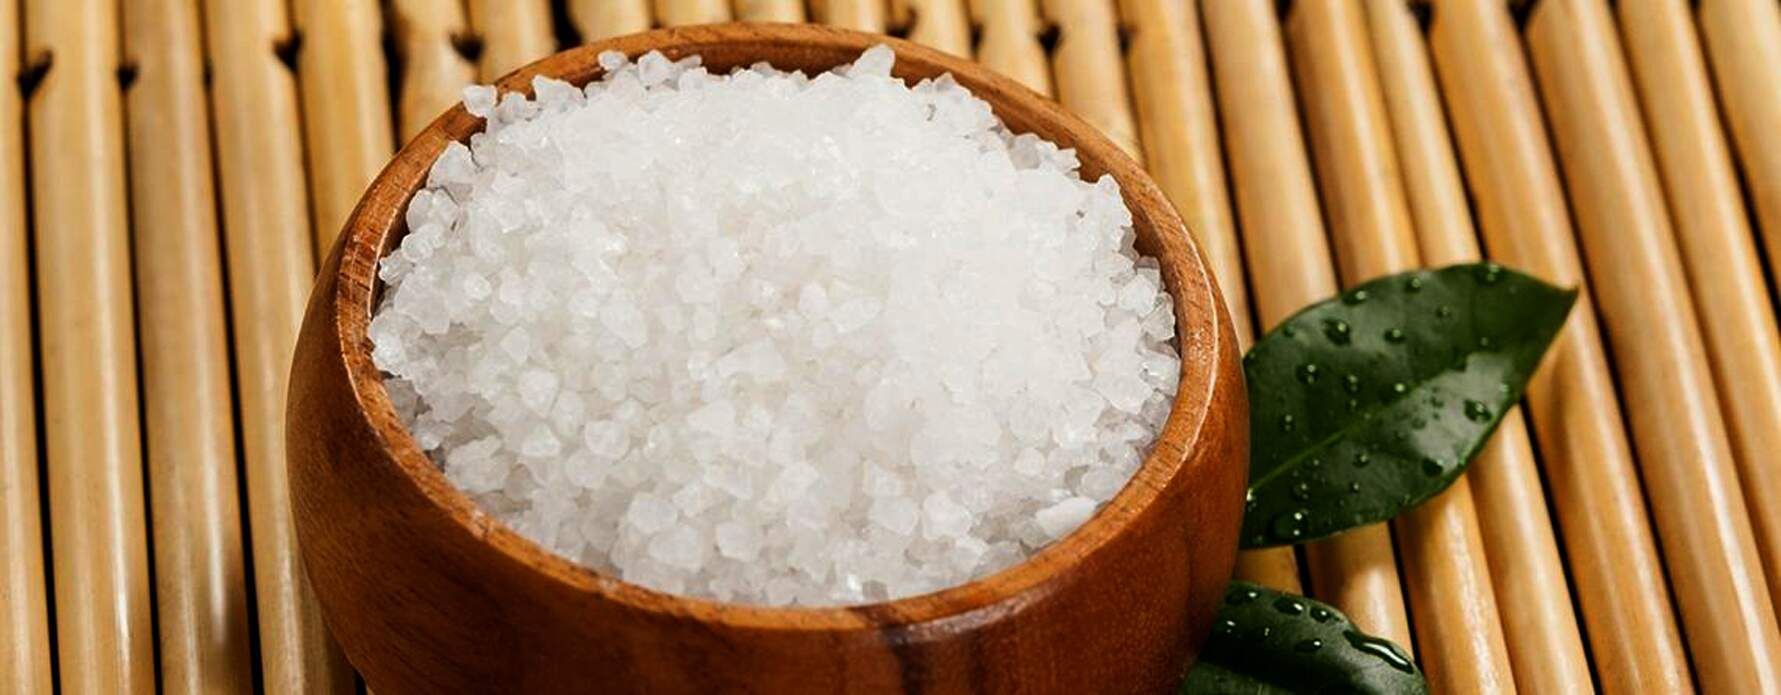 La sal destinada al consumo humano y animal debe estar adecuadamente yodada según los niveles recomendados que a nivel país se encuentran entre 20 a 40 mg/kg de sal